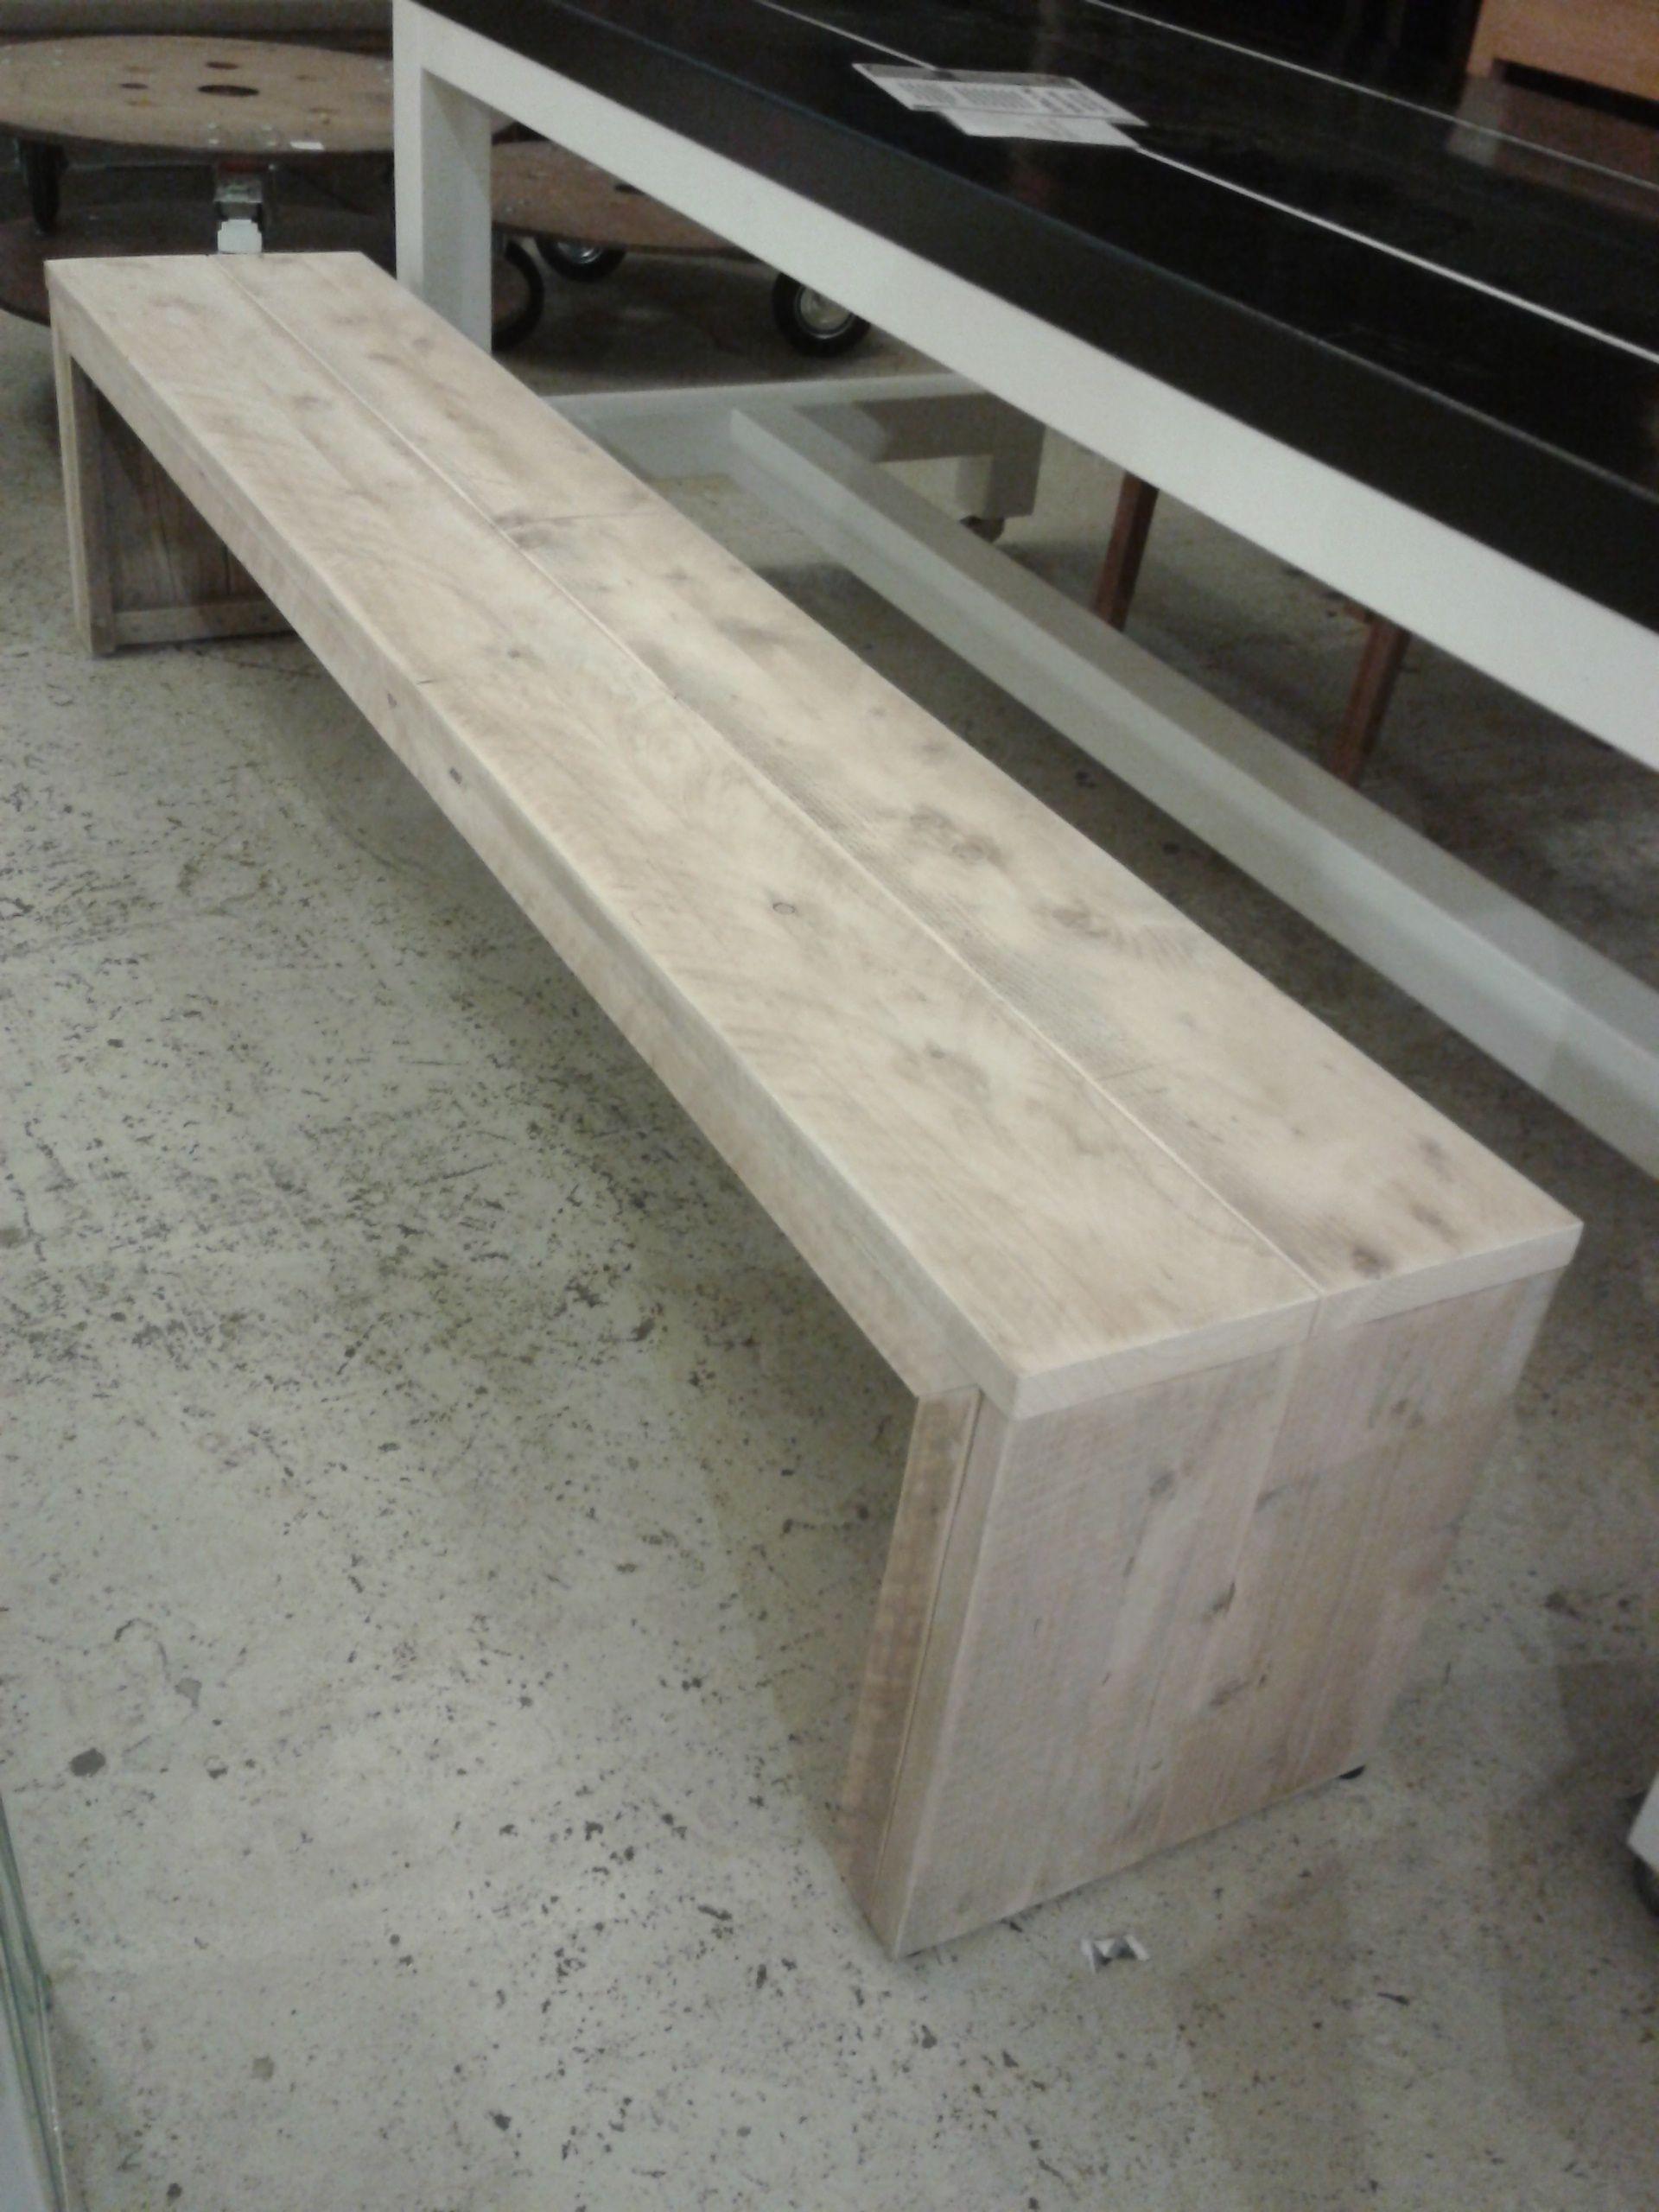 Meubels zelf maken top zelf meubels maken van hout with for Zelf meubels maken van hout